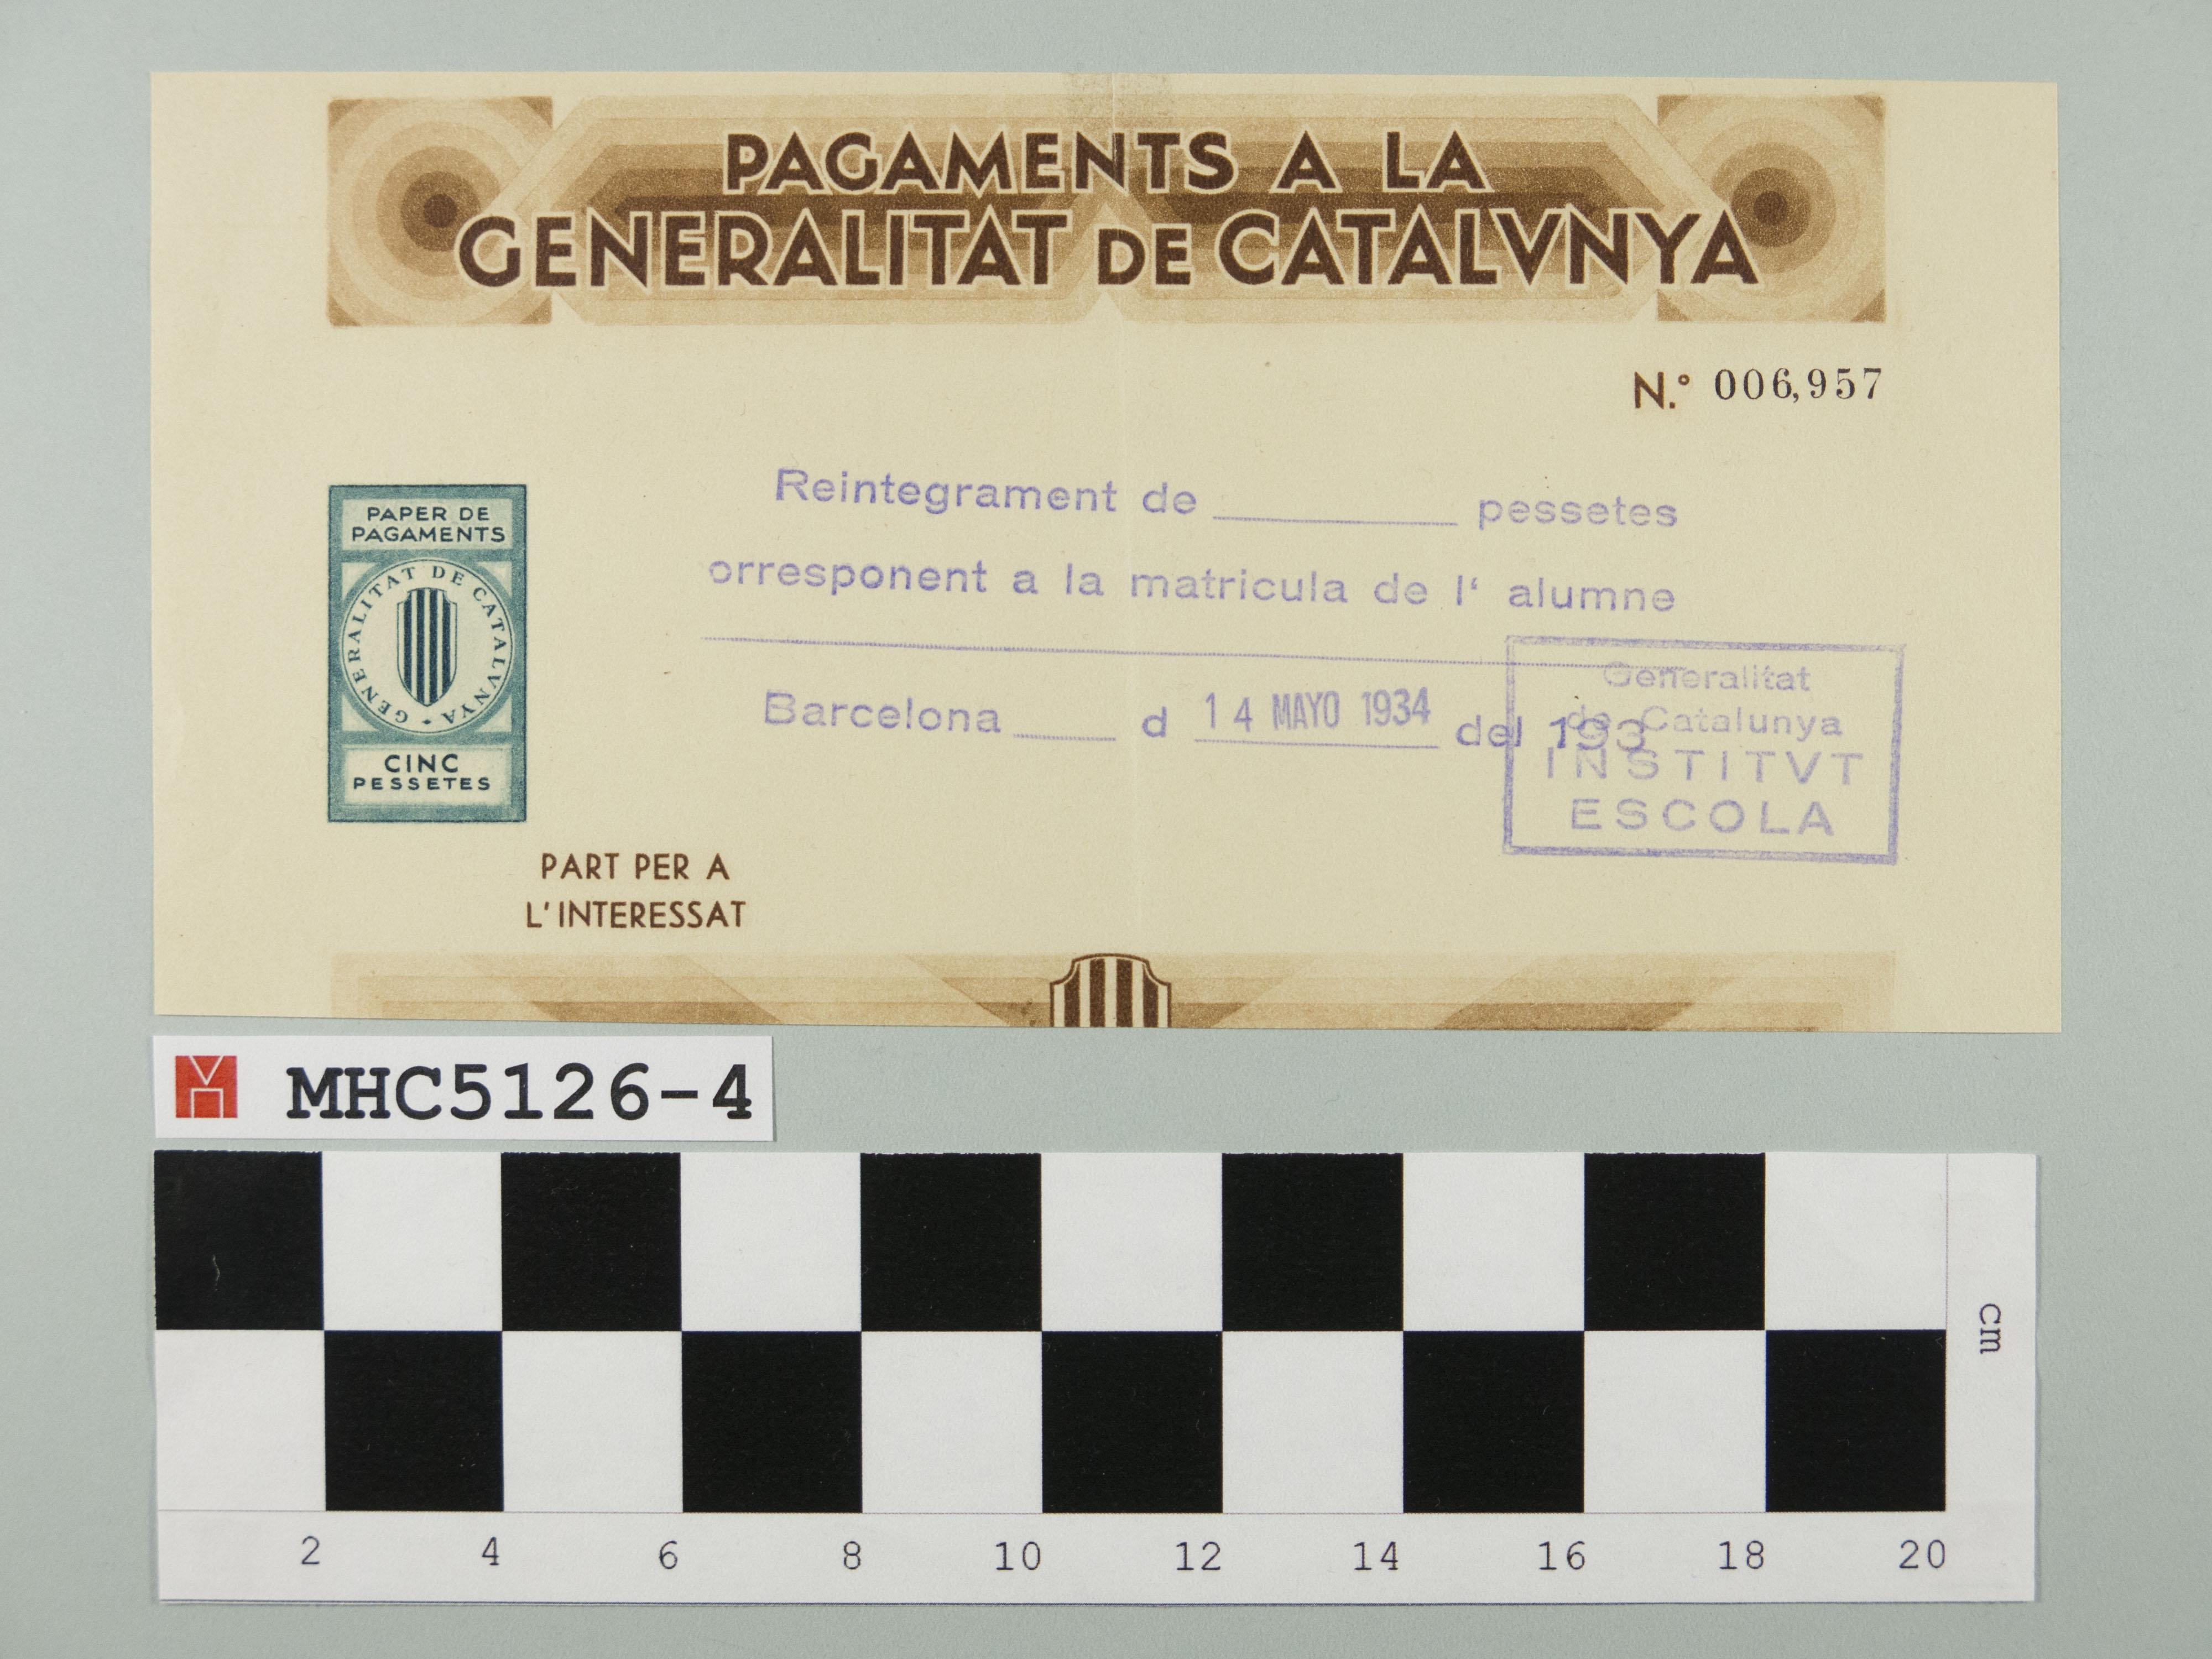 Pagaments a la Generalitat de Catalunya.